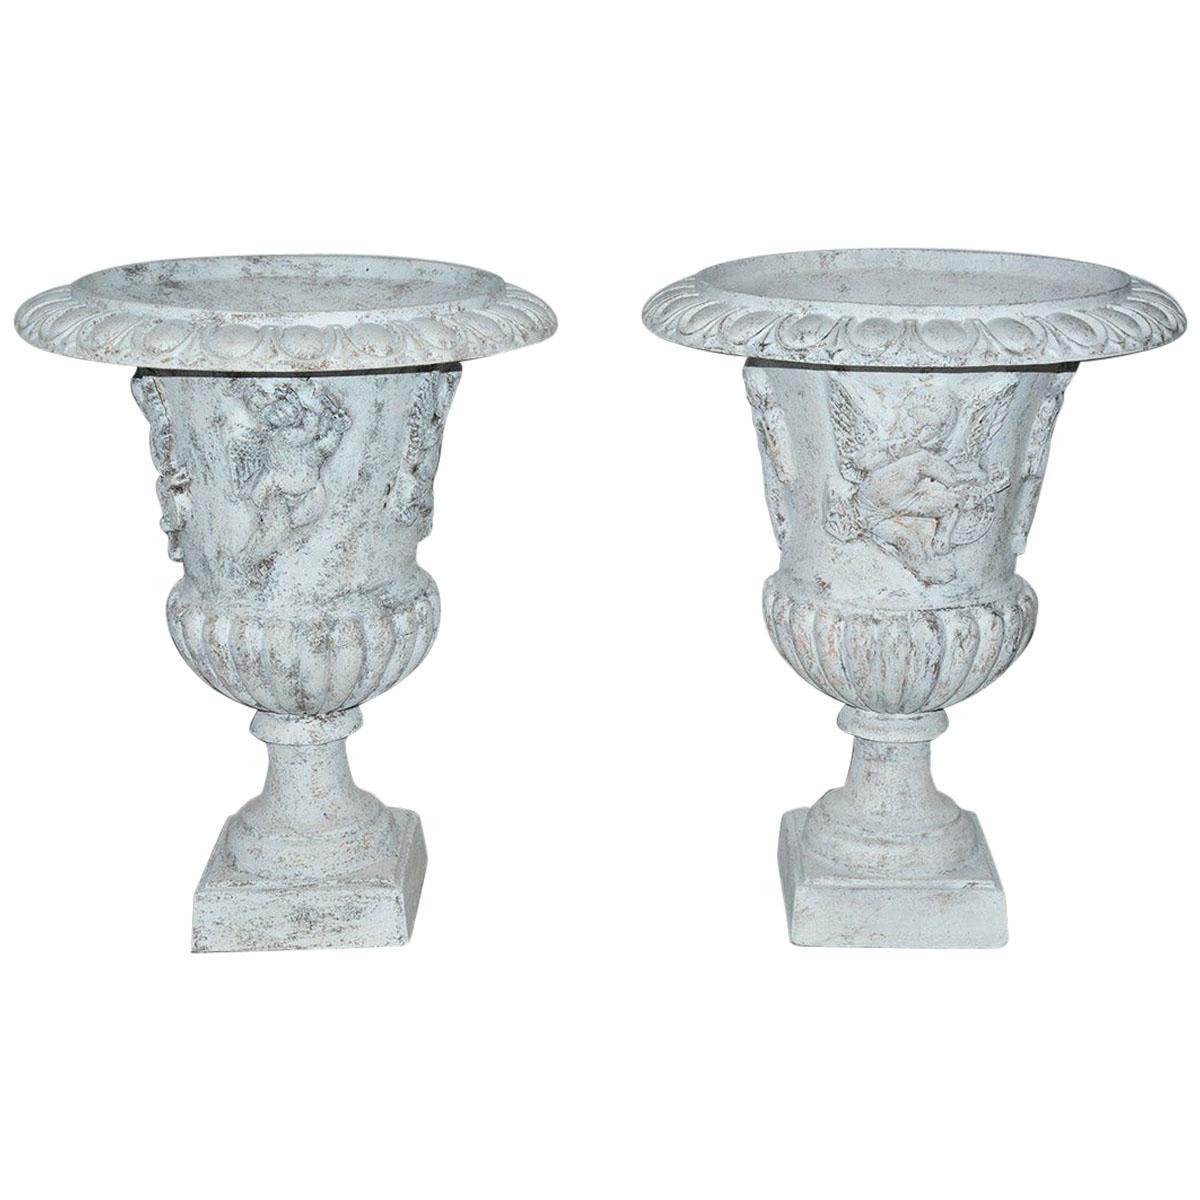 Pair of Vintage Putti Decorated Garden Urns